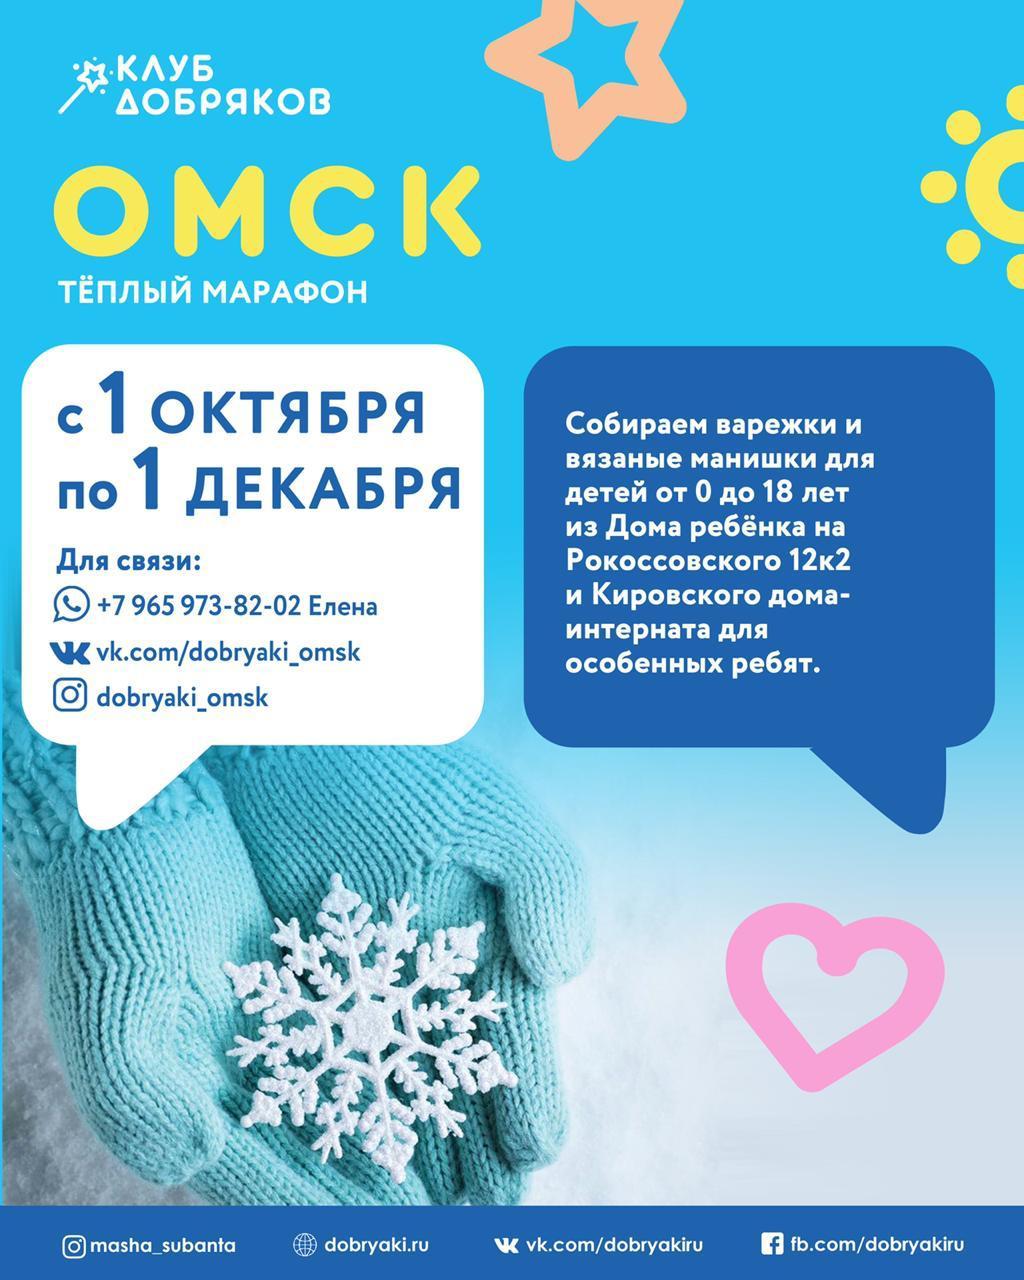 Волонтеры из Омска снова проводят марафон по вязанию